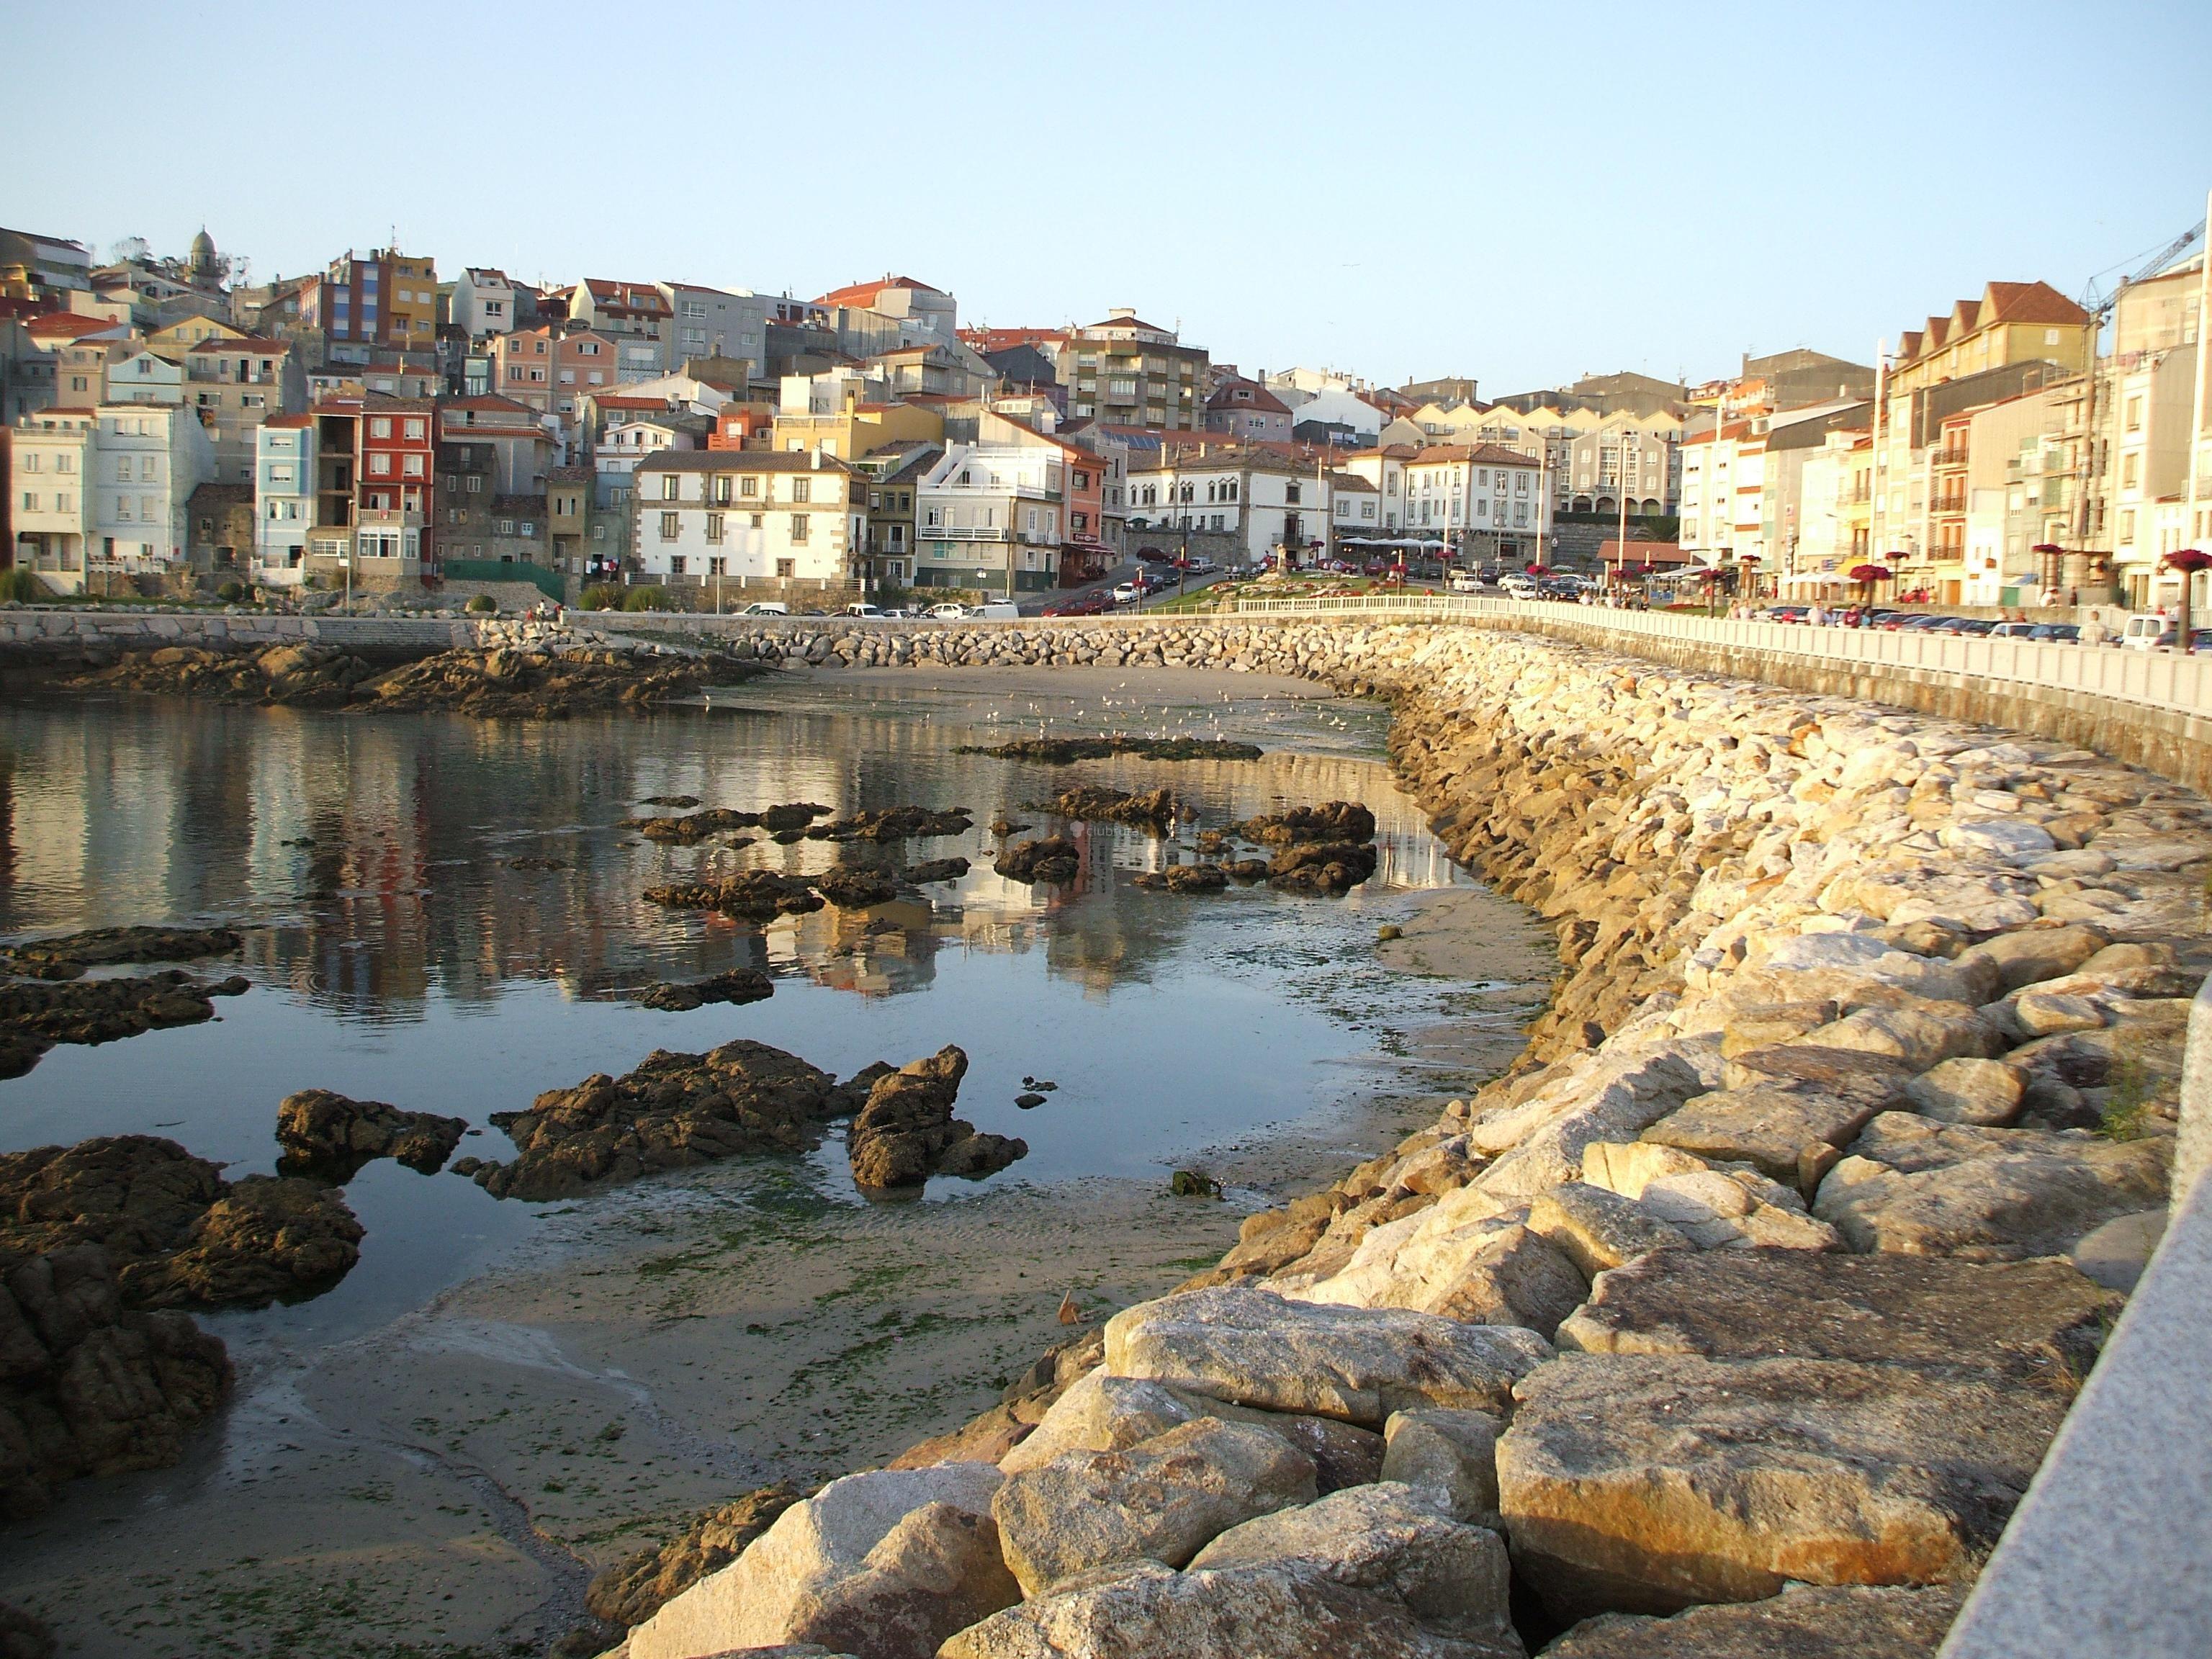 Fotos de A Guarda, Pontevedra. Galeria de fotos expectaculares de A Guarda. Visita A Guarda en imagenes